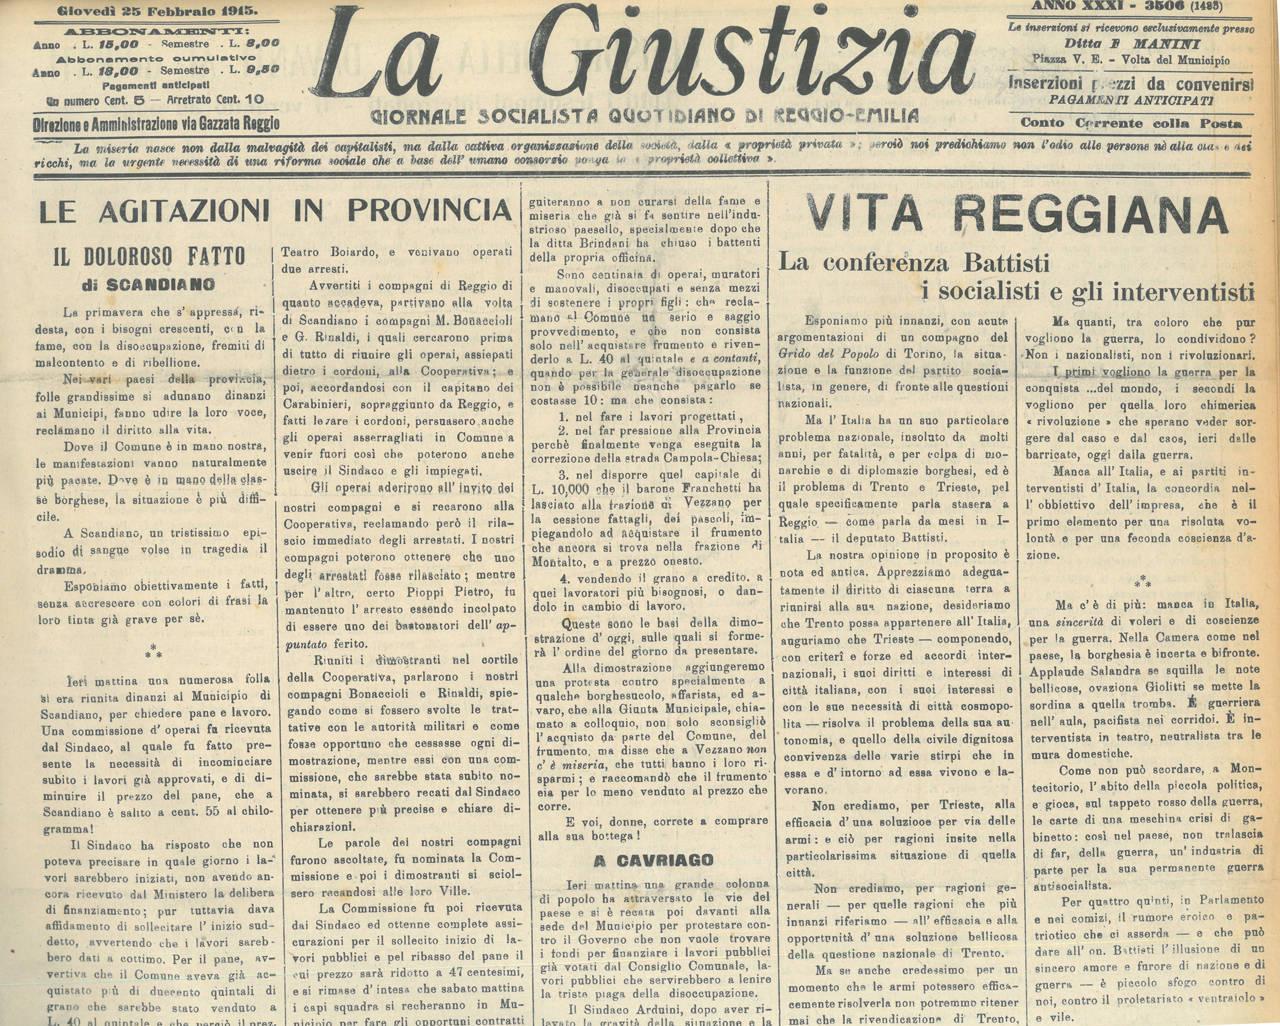 la giustizia 25 febbraio 1915